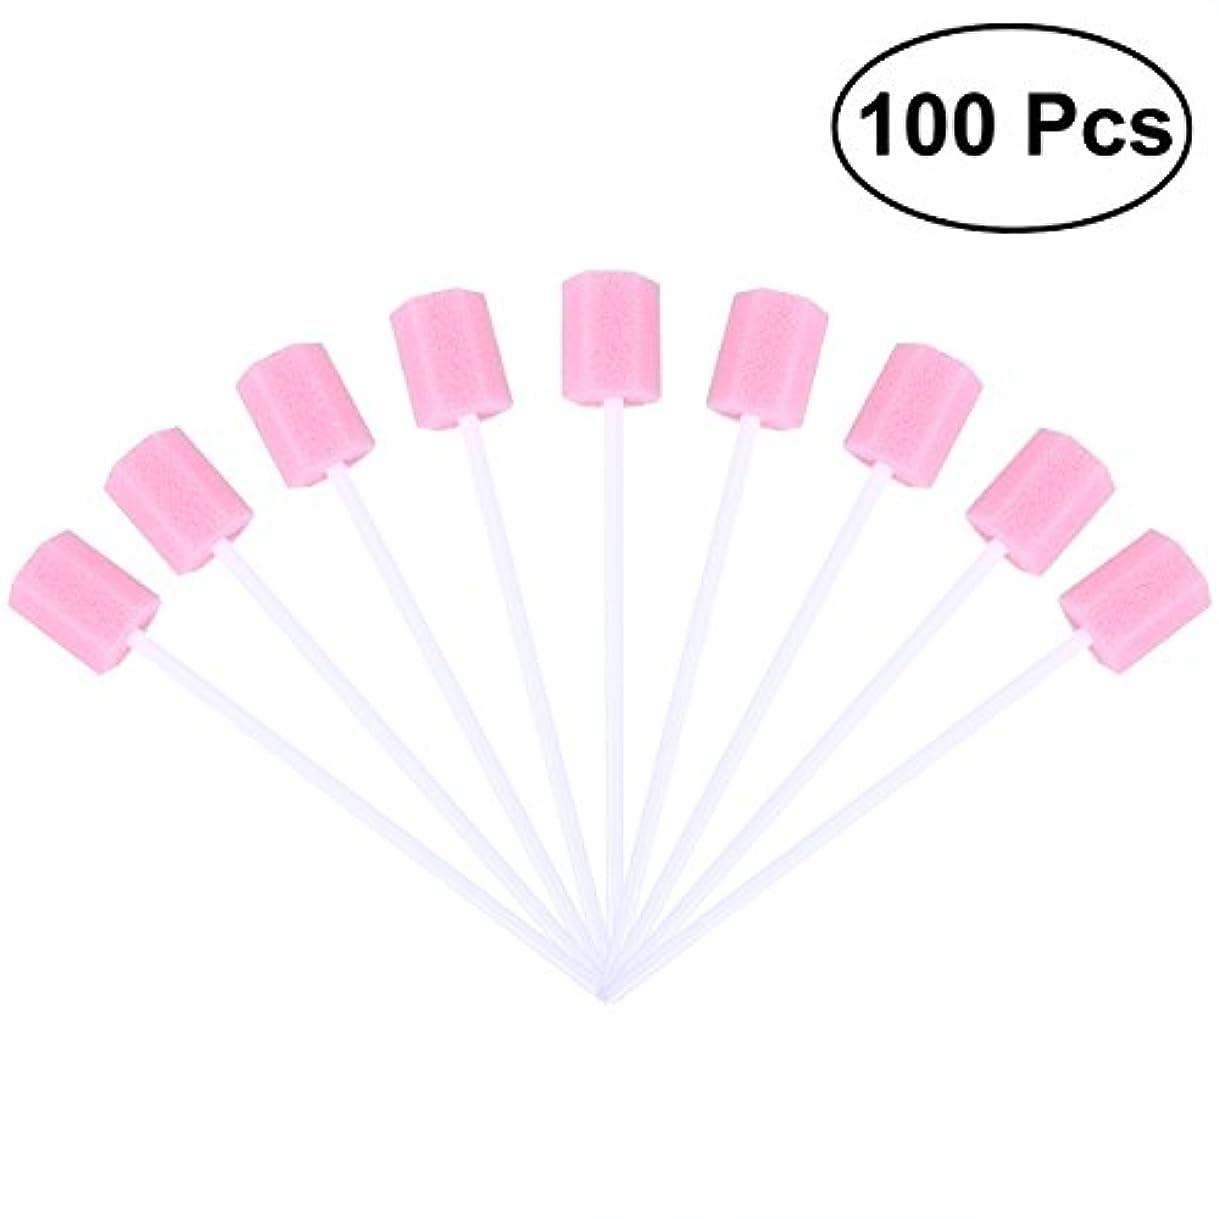 男性確認してください割り込みROSENICE 使い捨て口腔ケアスポンジスワブ歯口洗浄スワブ100個(ピンク)